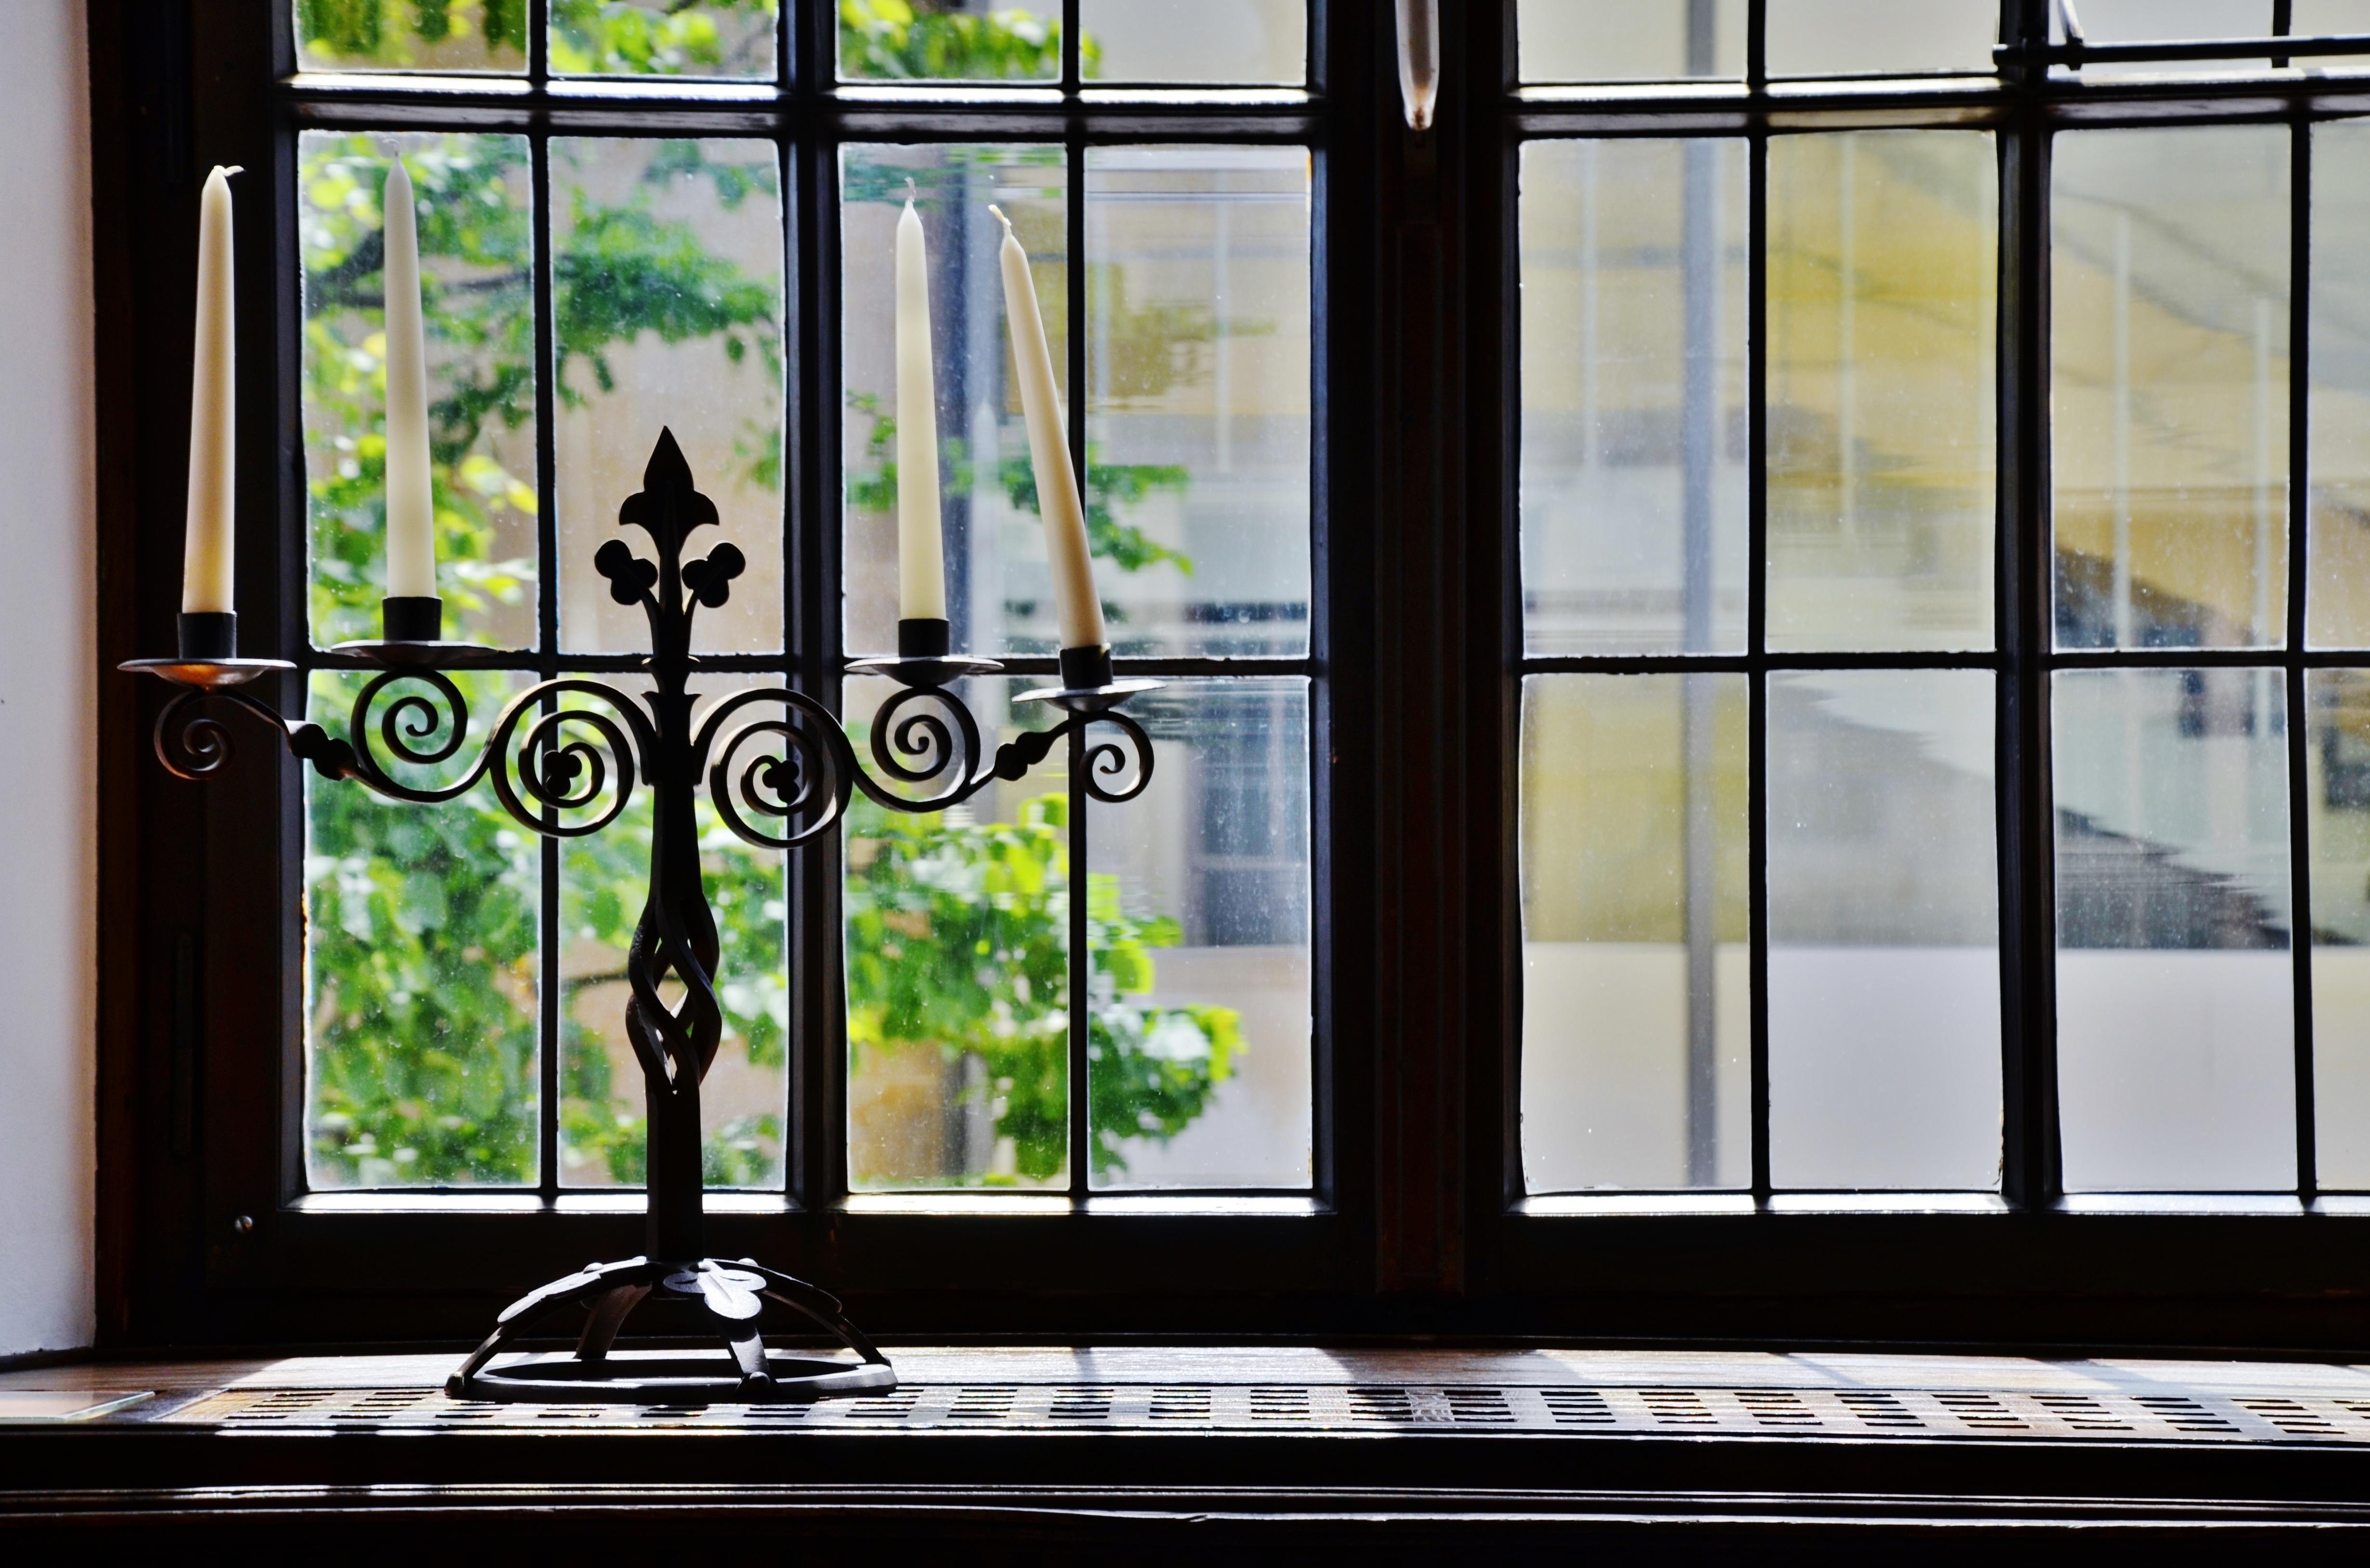 fotos gratis vaso casa fachada travesao de la ventana puerta candelero diseo de interiores velas luz de una vela iluminacin natural